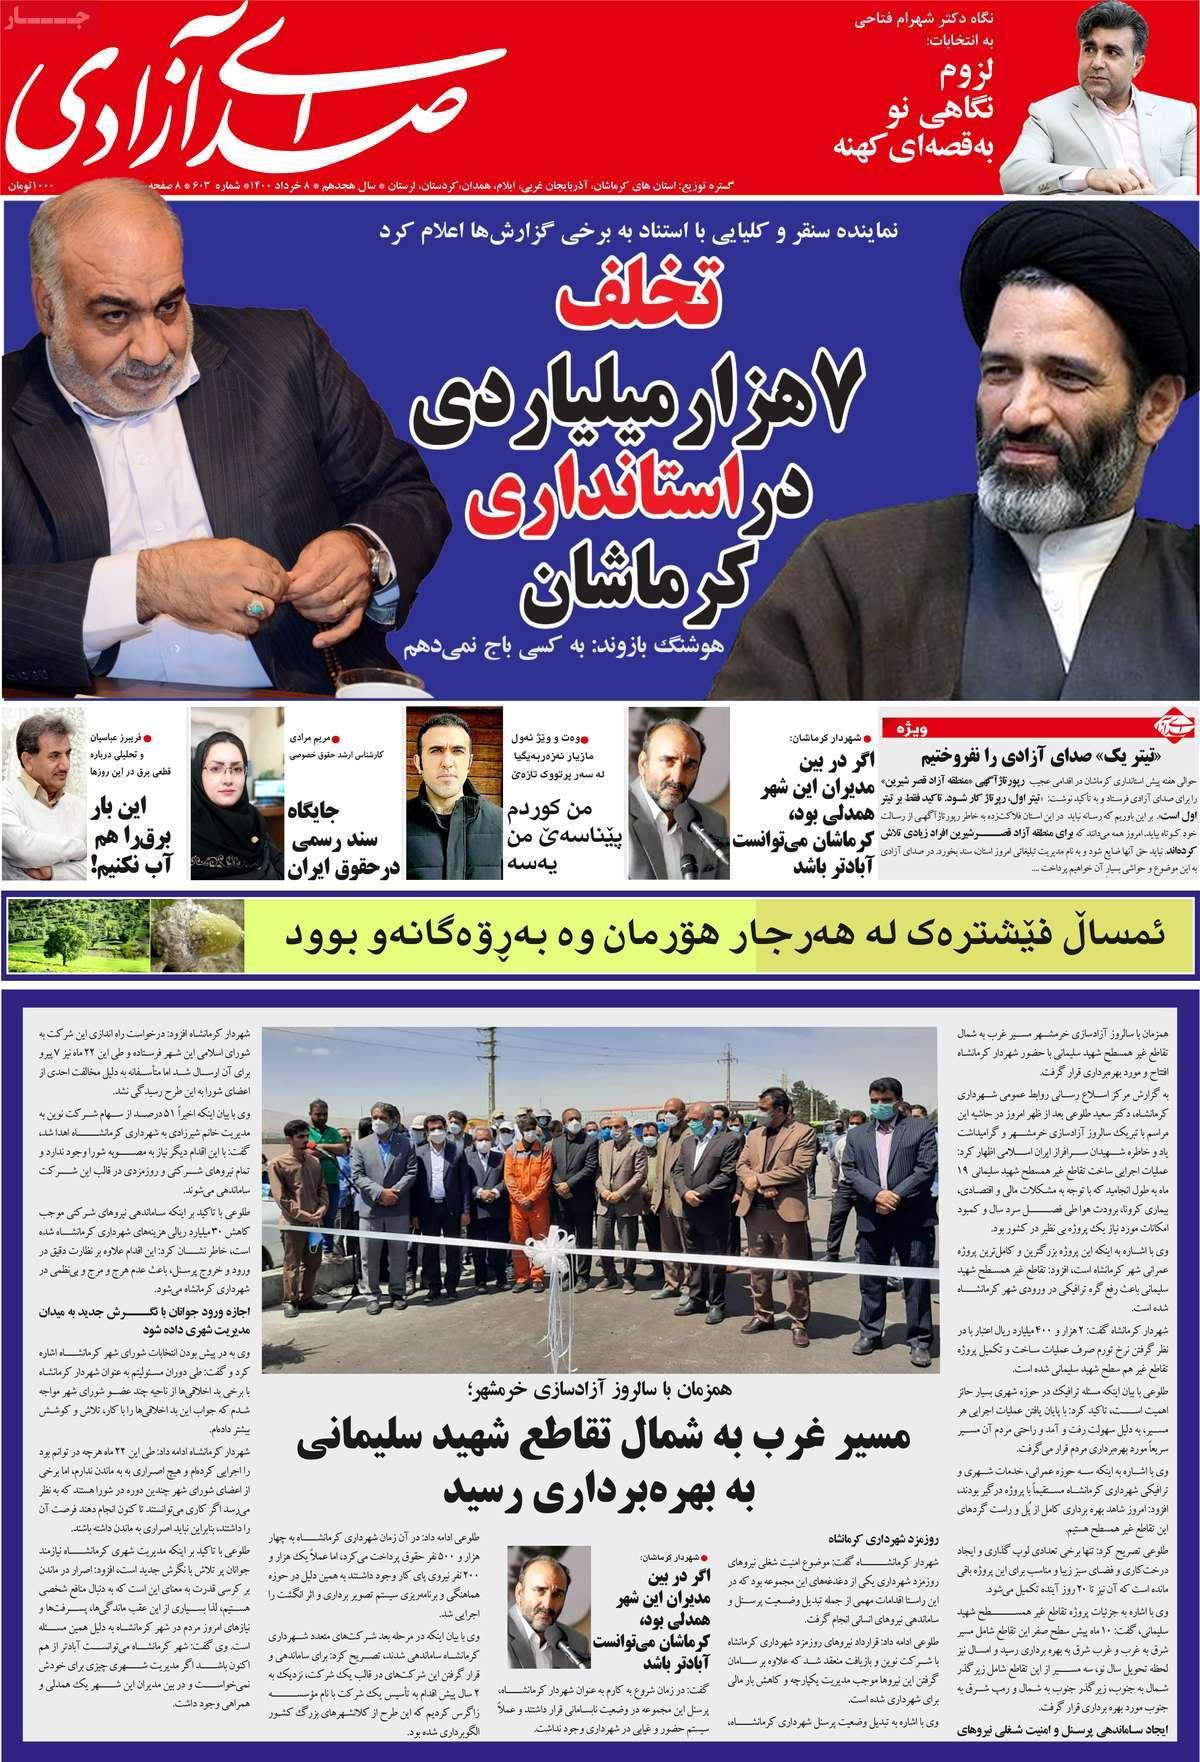 مجله صدای آزادی